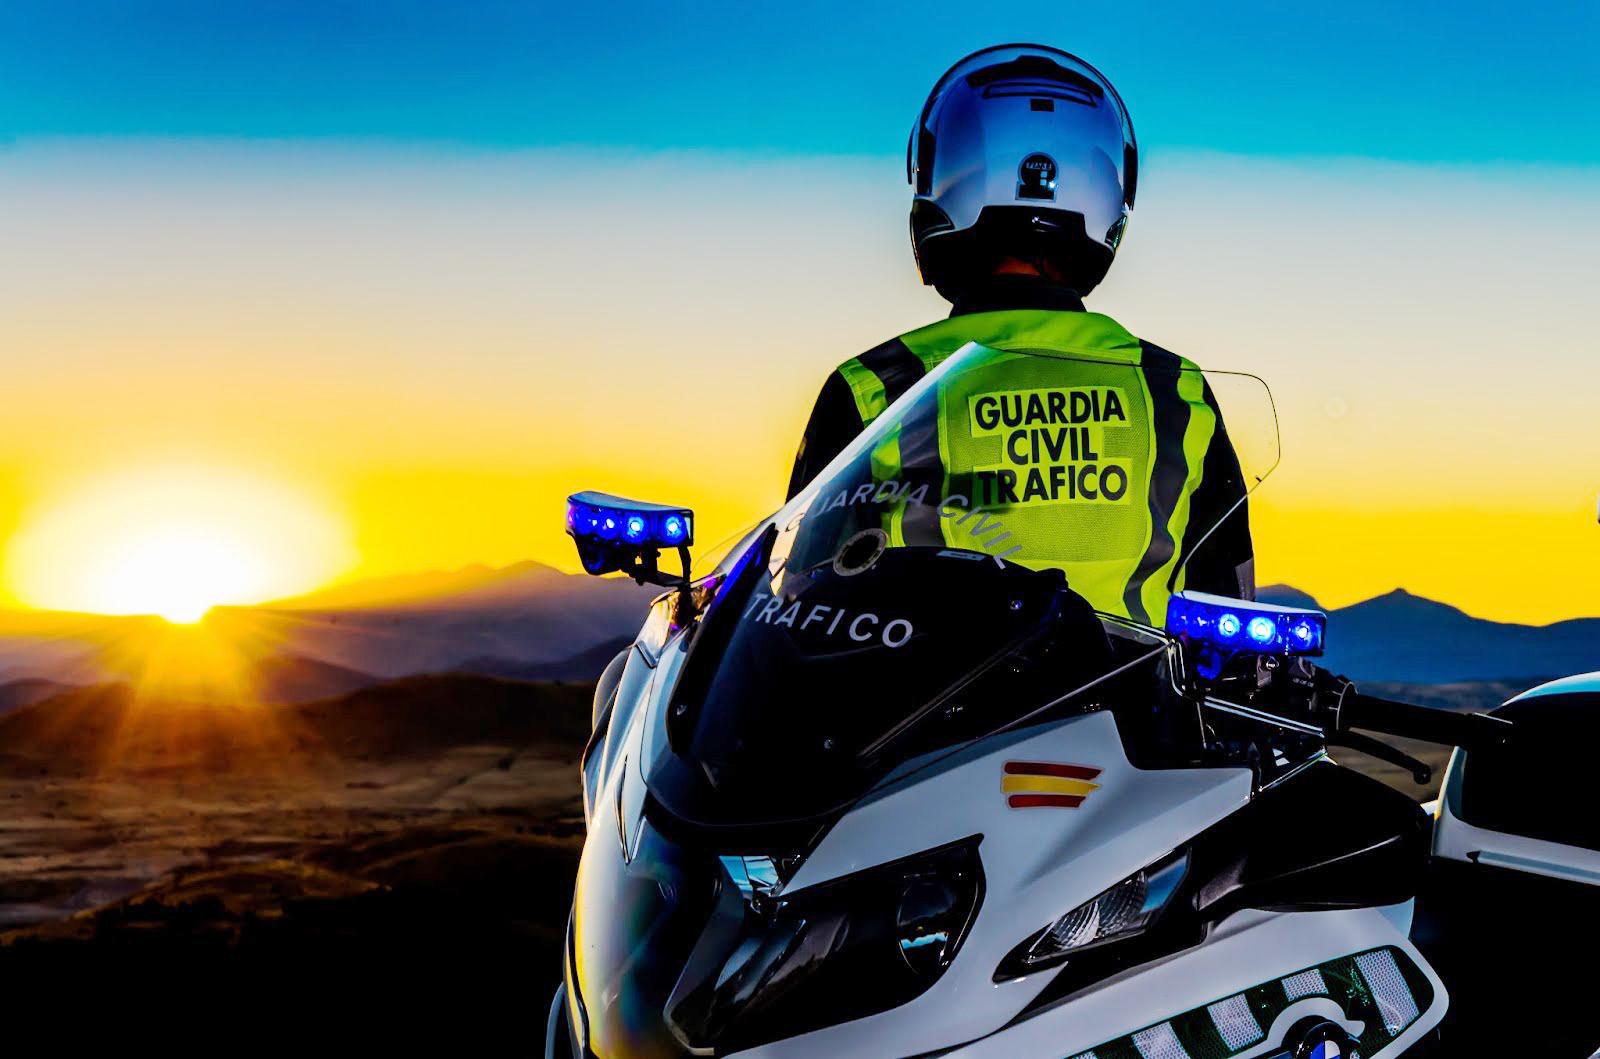 Agente de la Guardia Civil con su moto